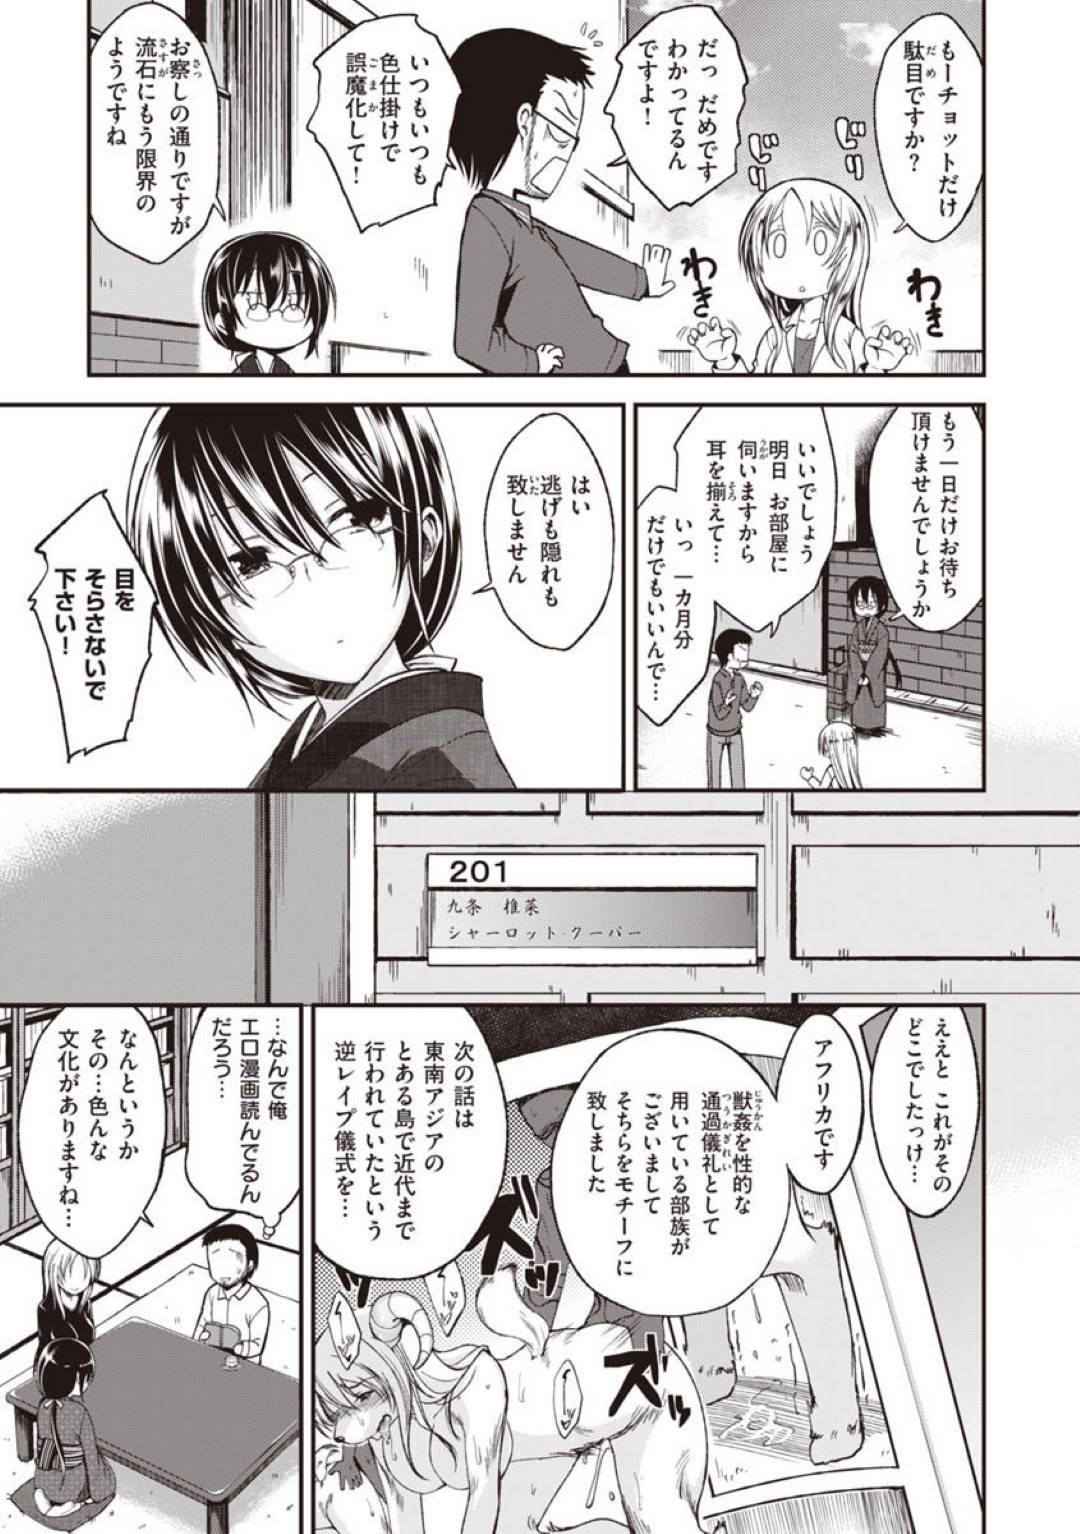 【エロ漫画】アパートの管理人に家賃を取り立てられた美女2人は、身体で払うといって逆レイプからのハーレム3Pセックス!